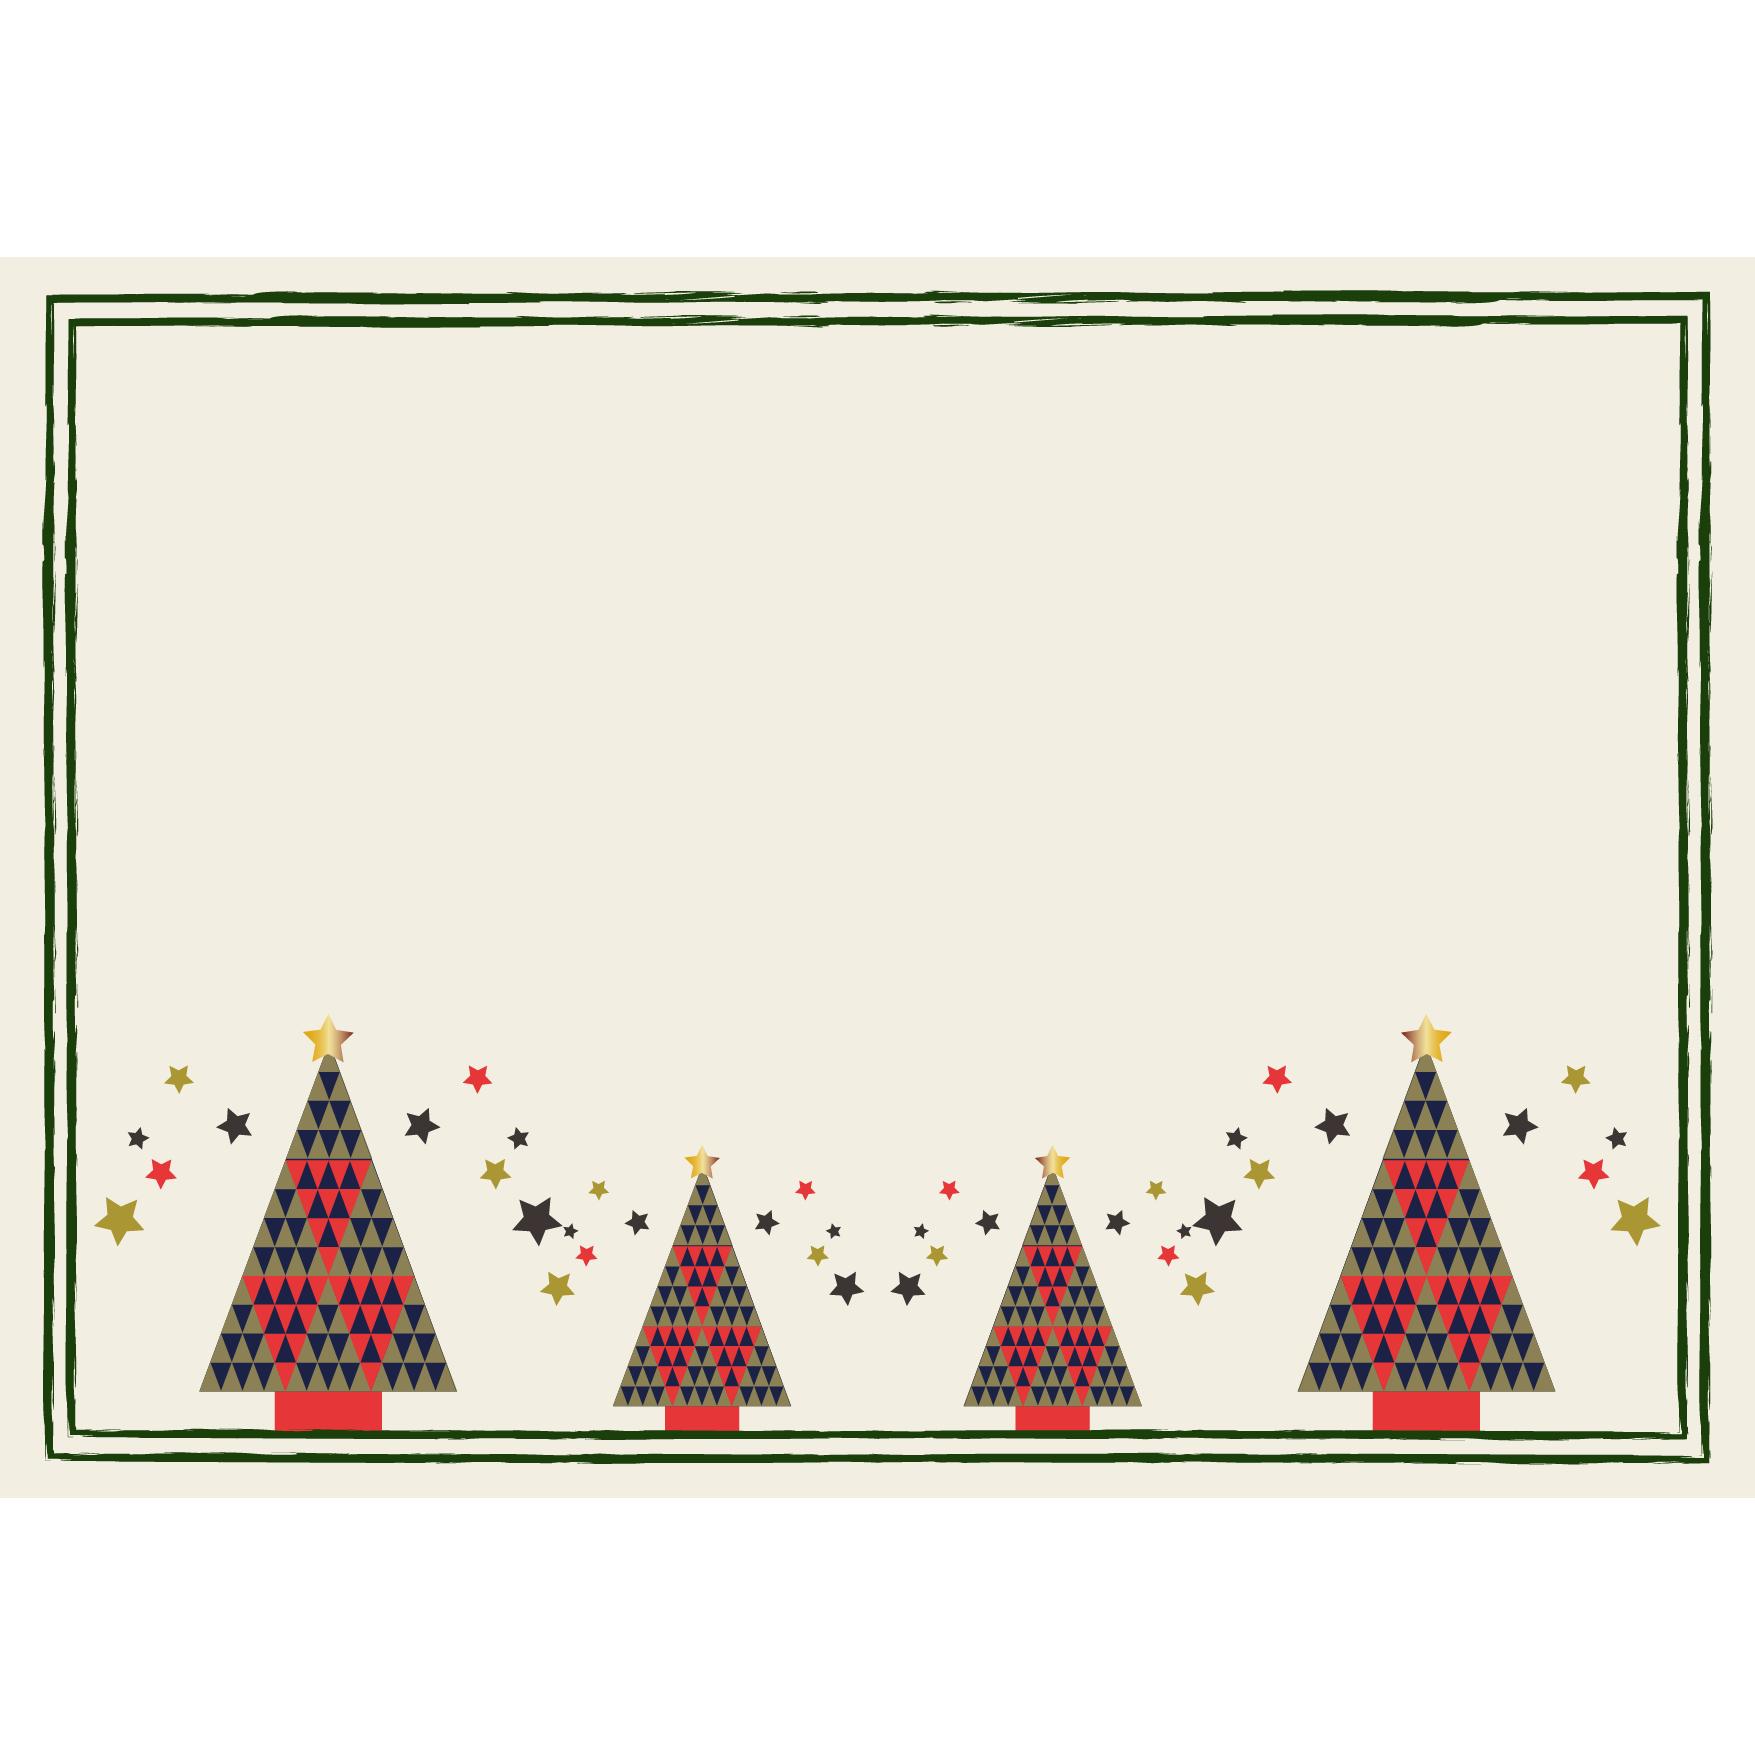 北欧風♪クリスマスツリーの枠(フレーム) a4サイズ イラスト | 商用